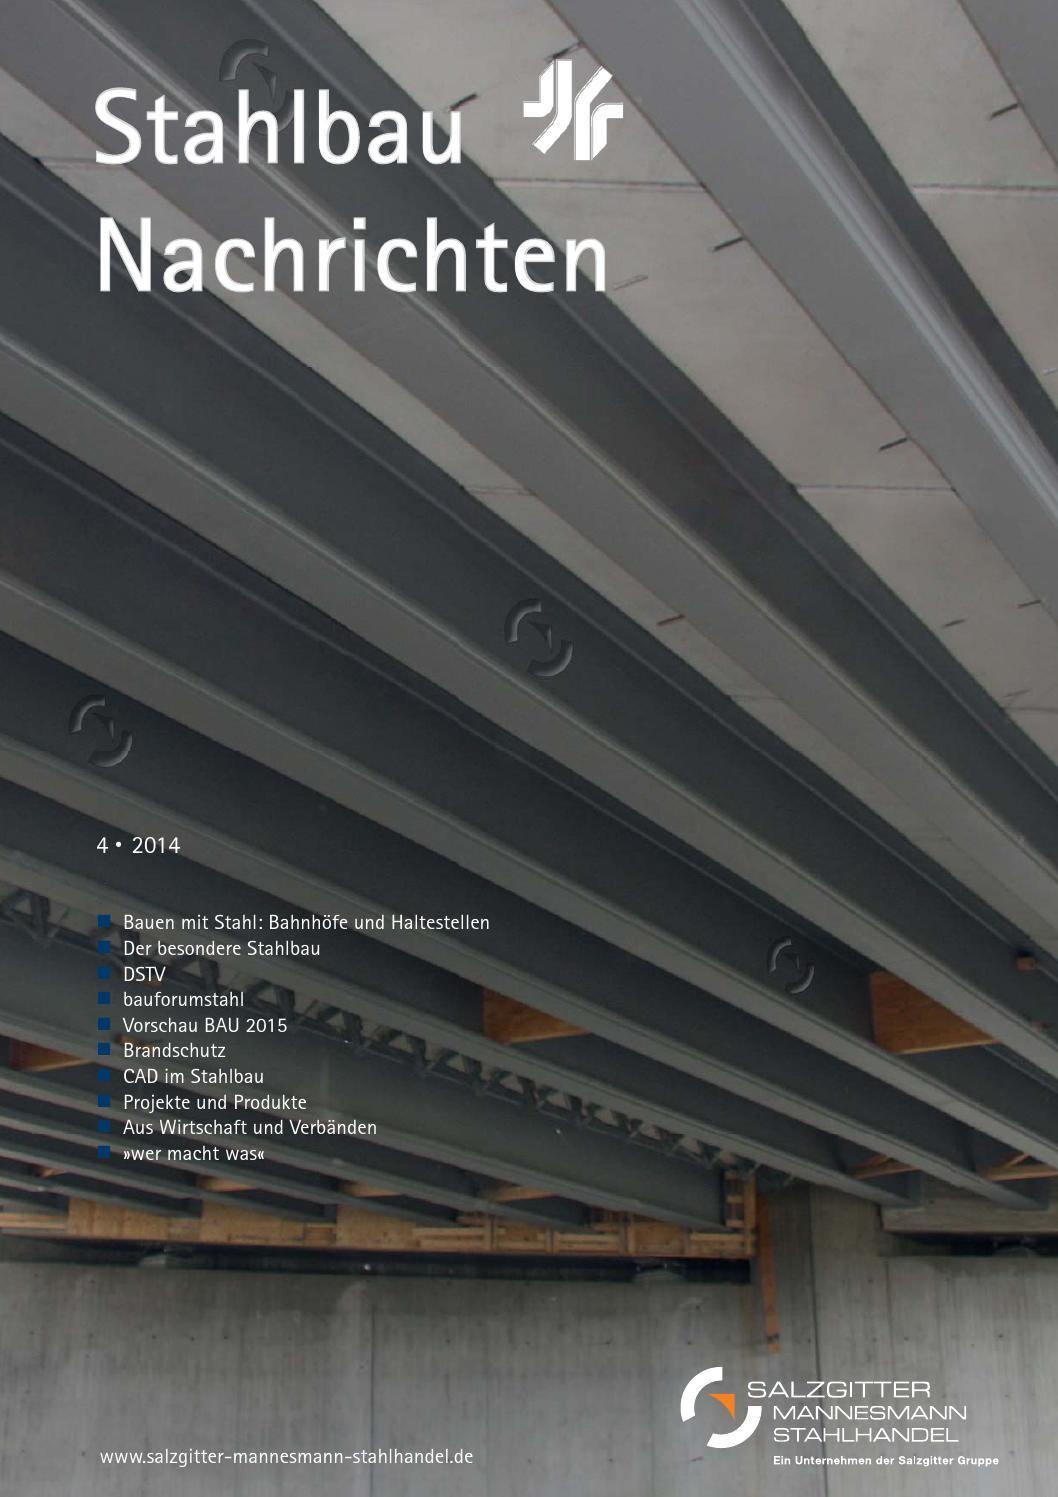 Stahlbau Nachrichten 4/2014 By Verlagsgruppe Wiederspahn   Issuu